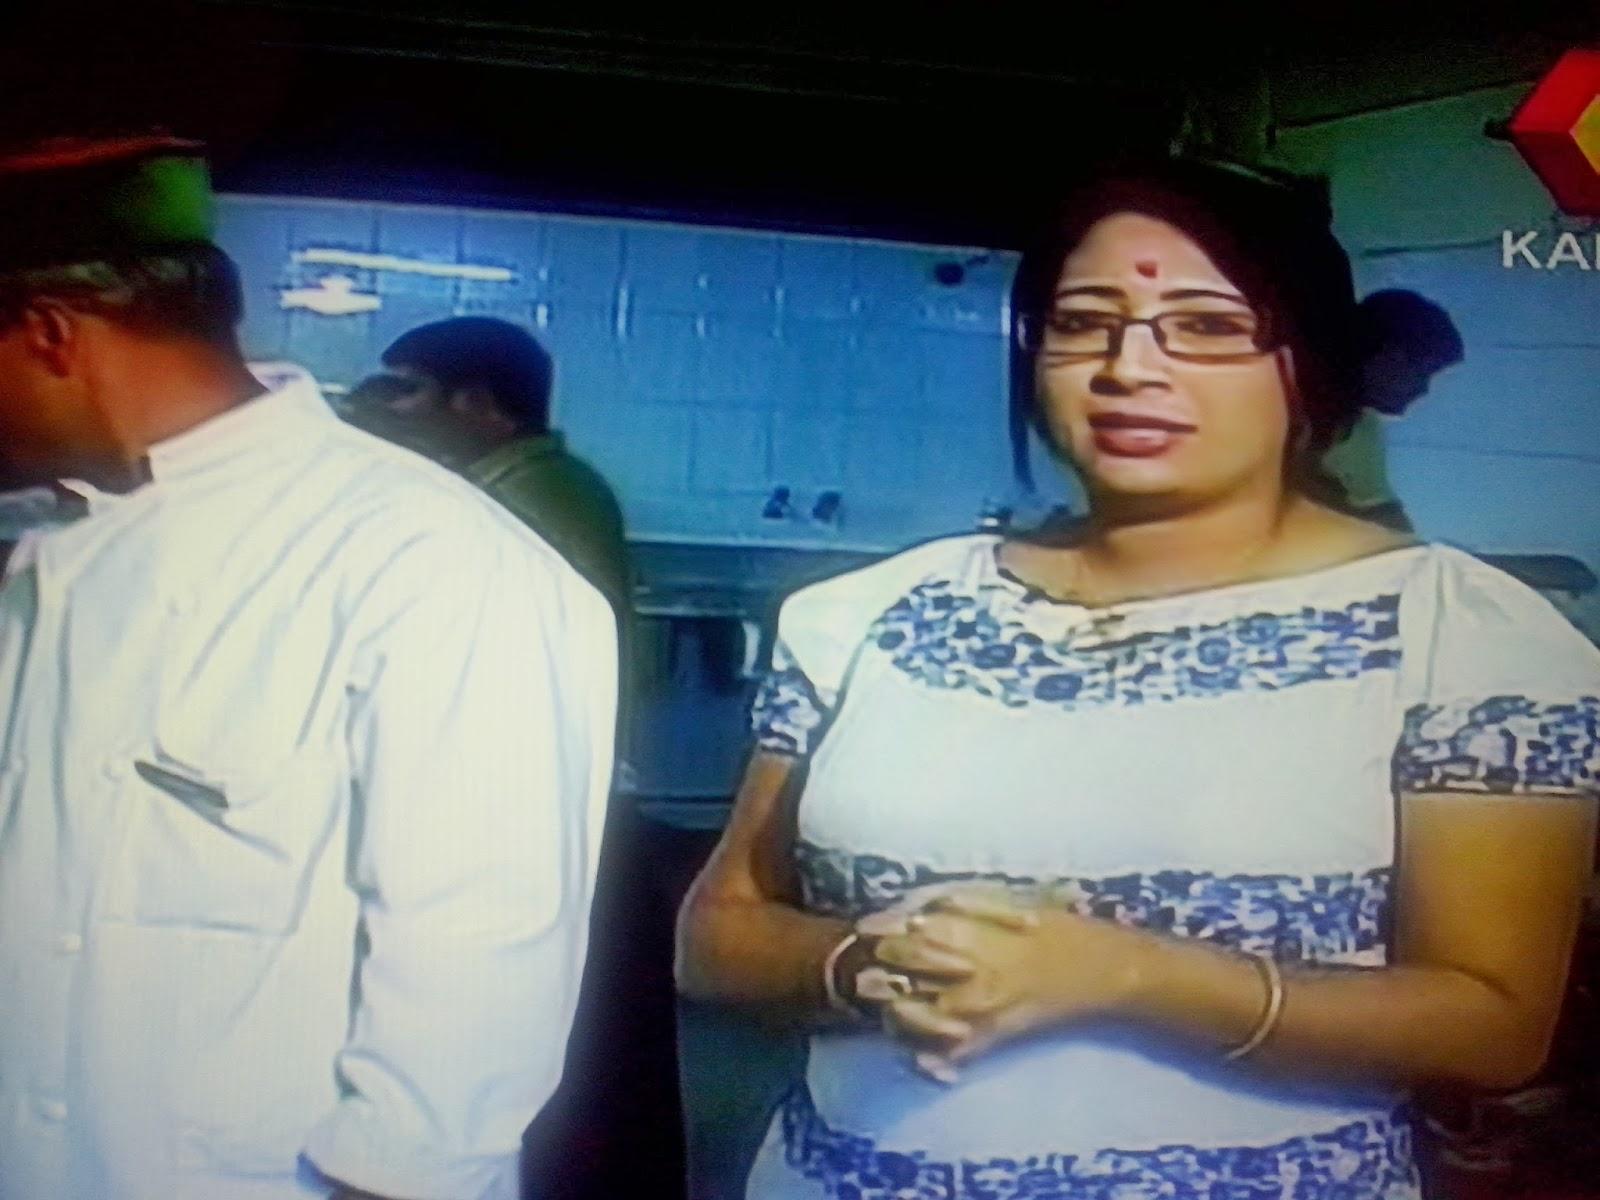 Malayalam Tv Anchor Dr Lakshmi Nair Hot Stills And